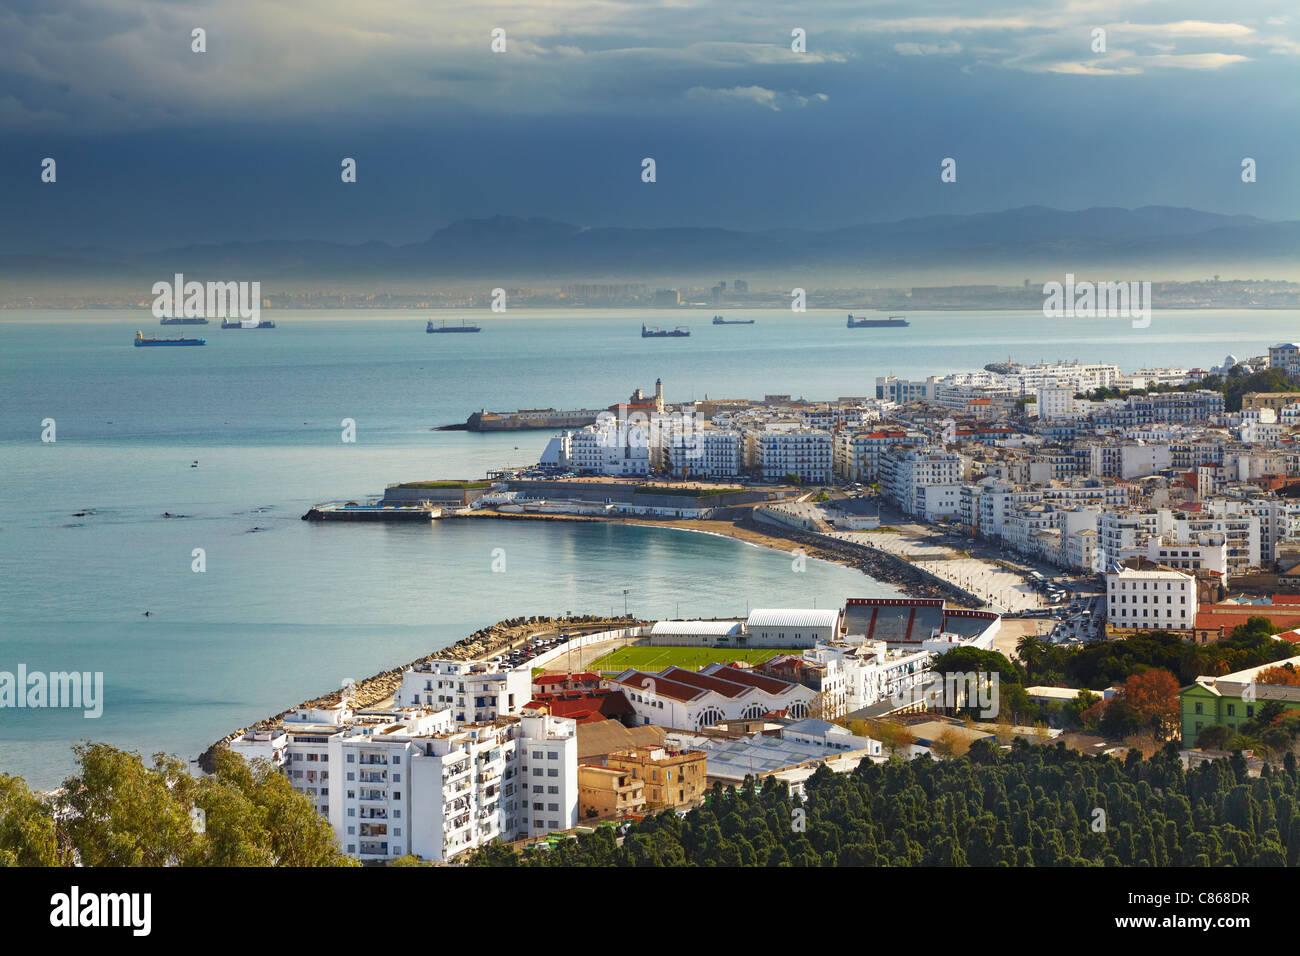 Argel la capital de Argelia, Norte de África Imagen De Stock